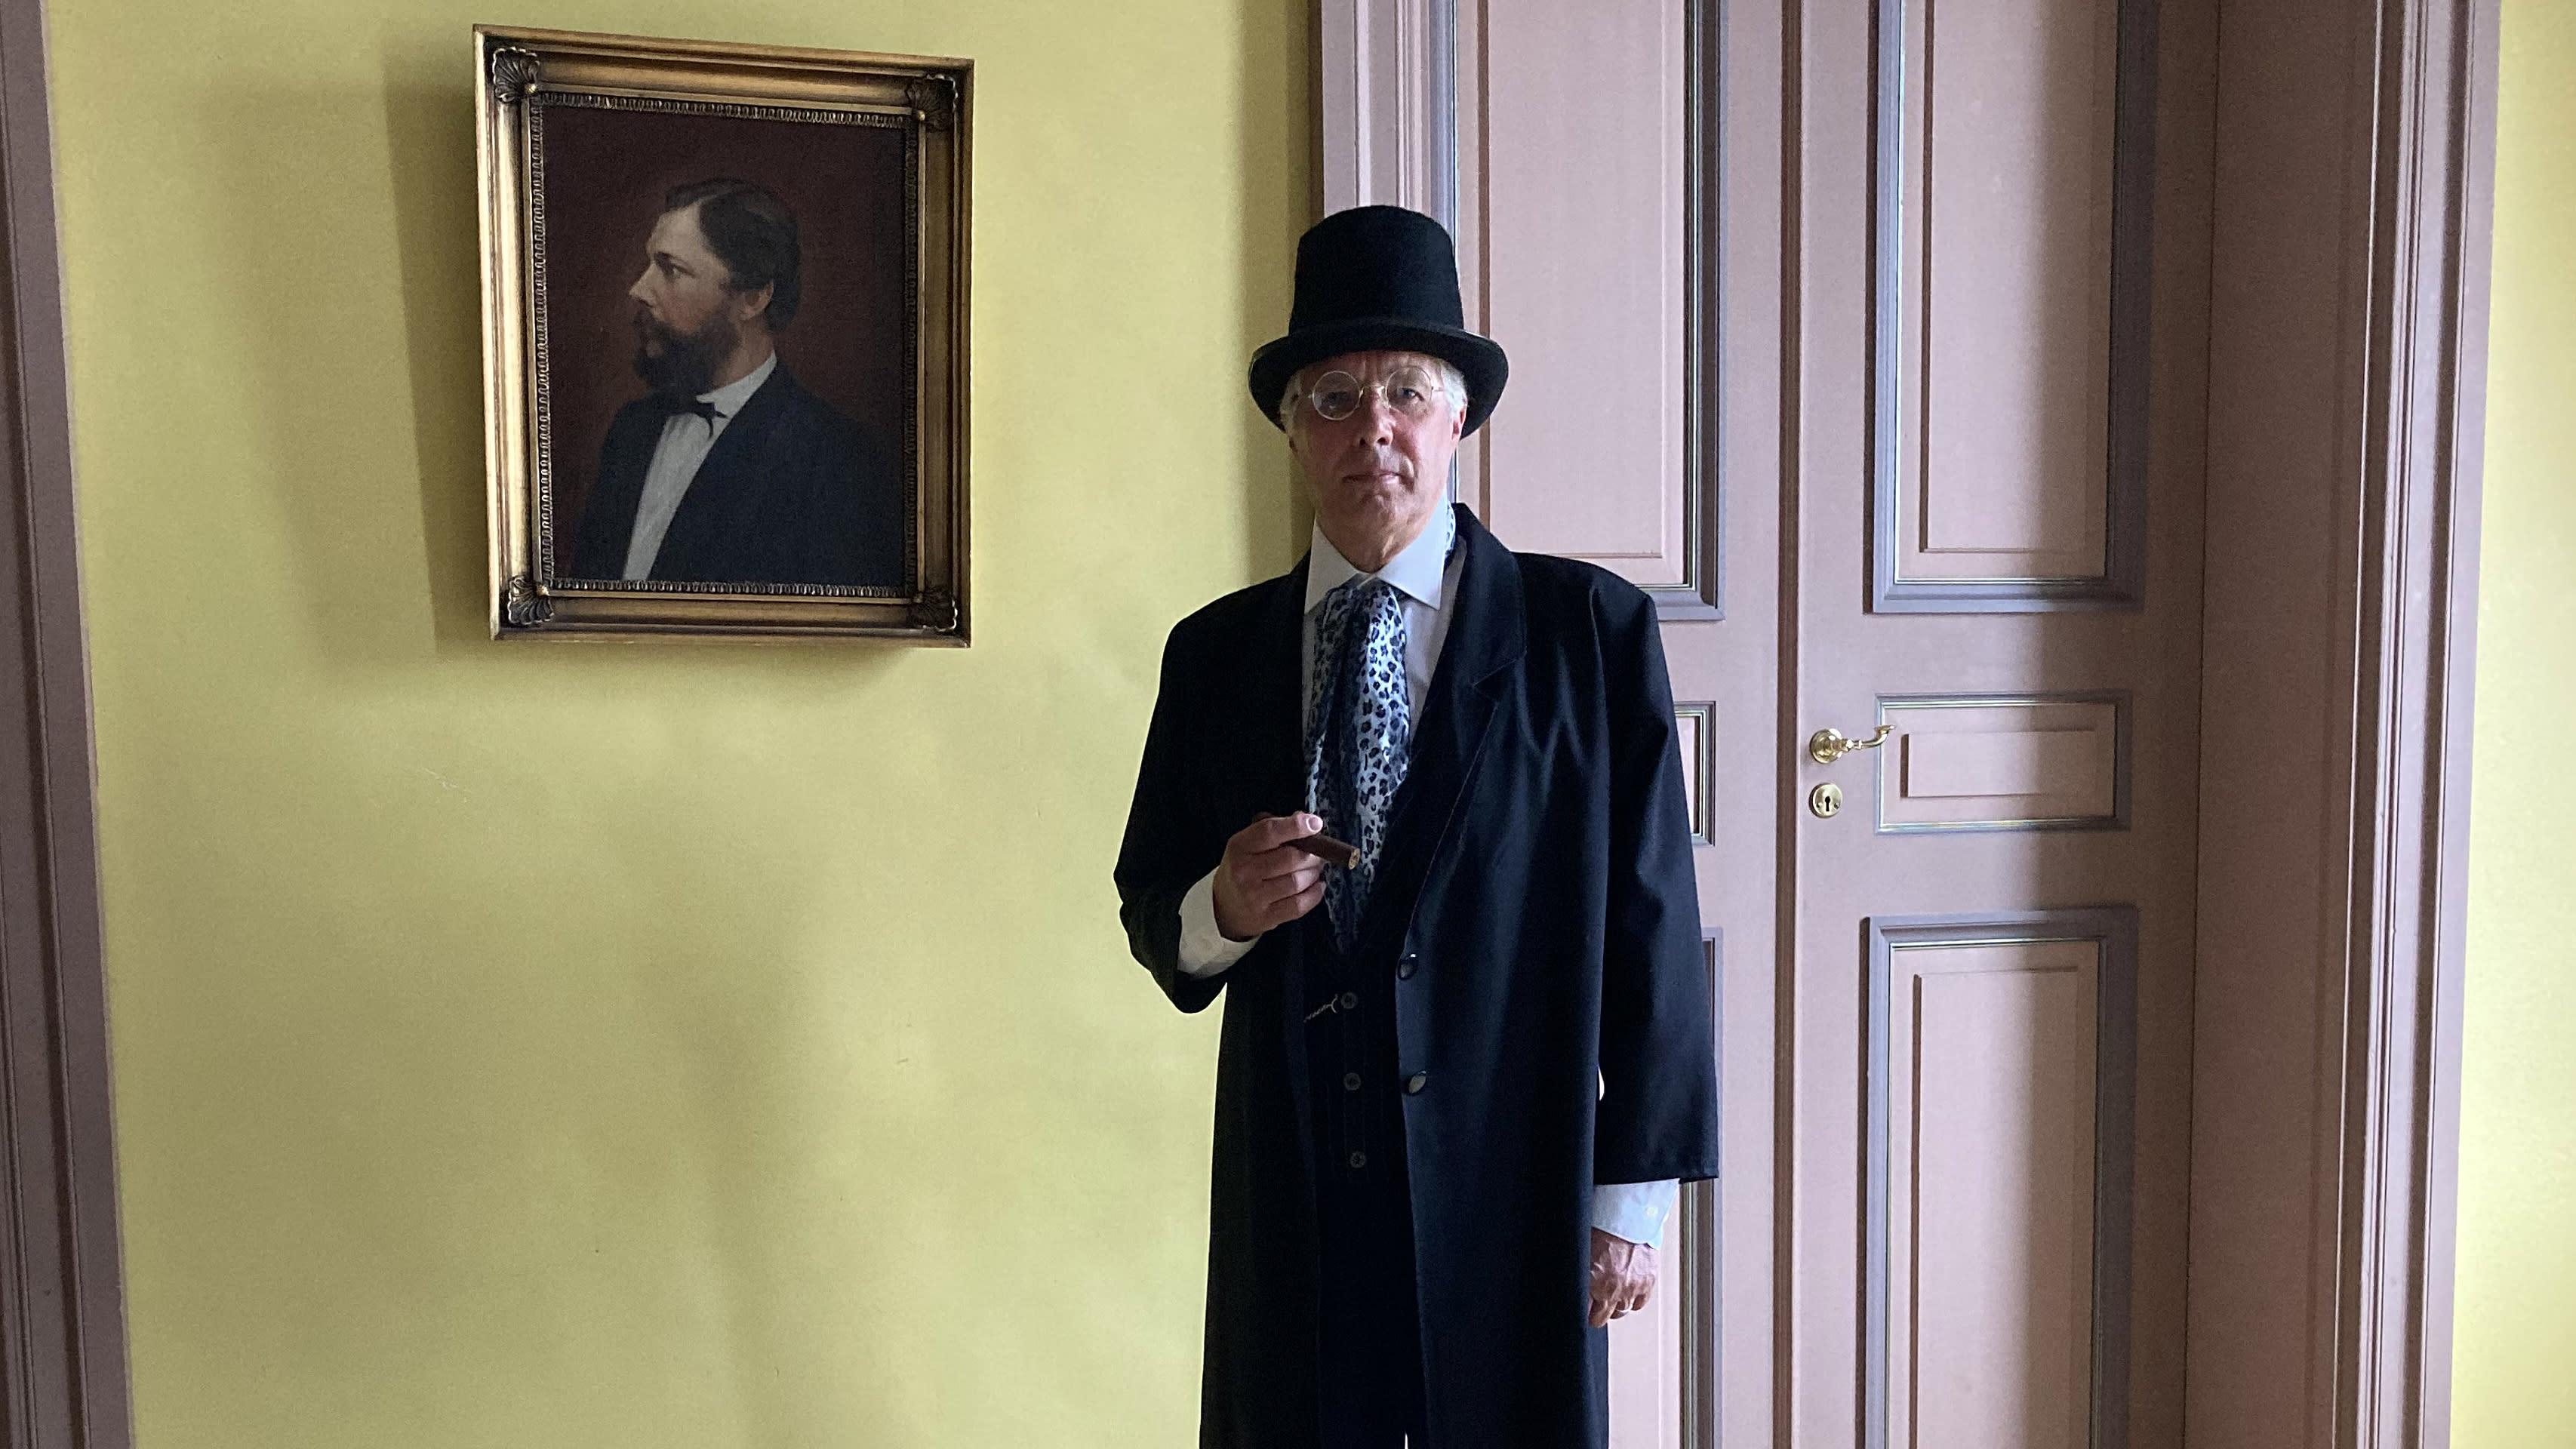 Kuvassa Reijo Partanen esittämässä kauppias Donneria kaupungin virtuaaliopasteessa